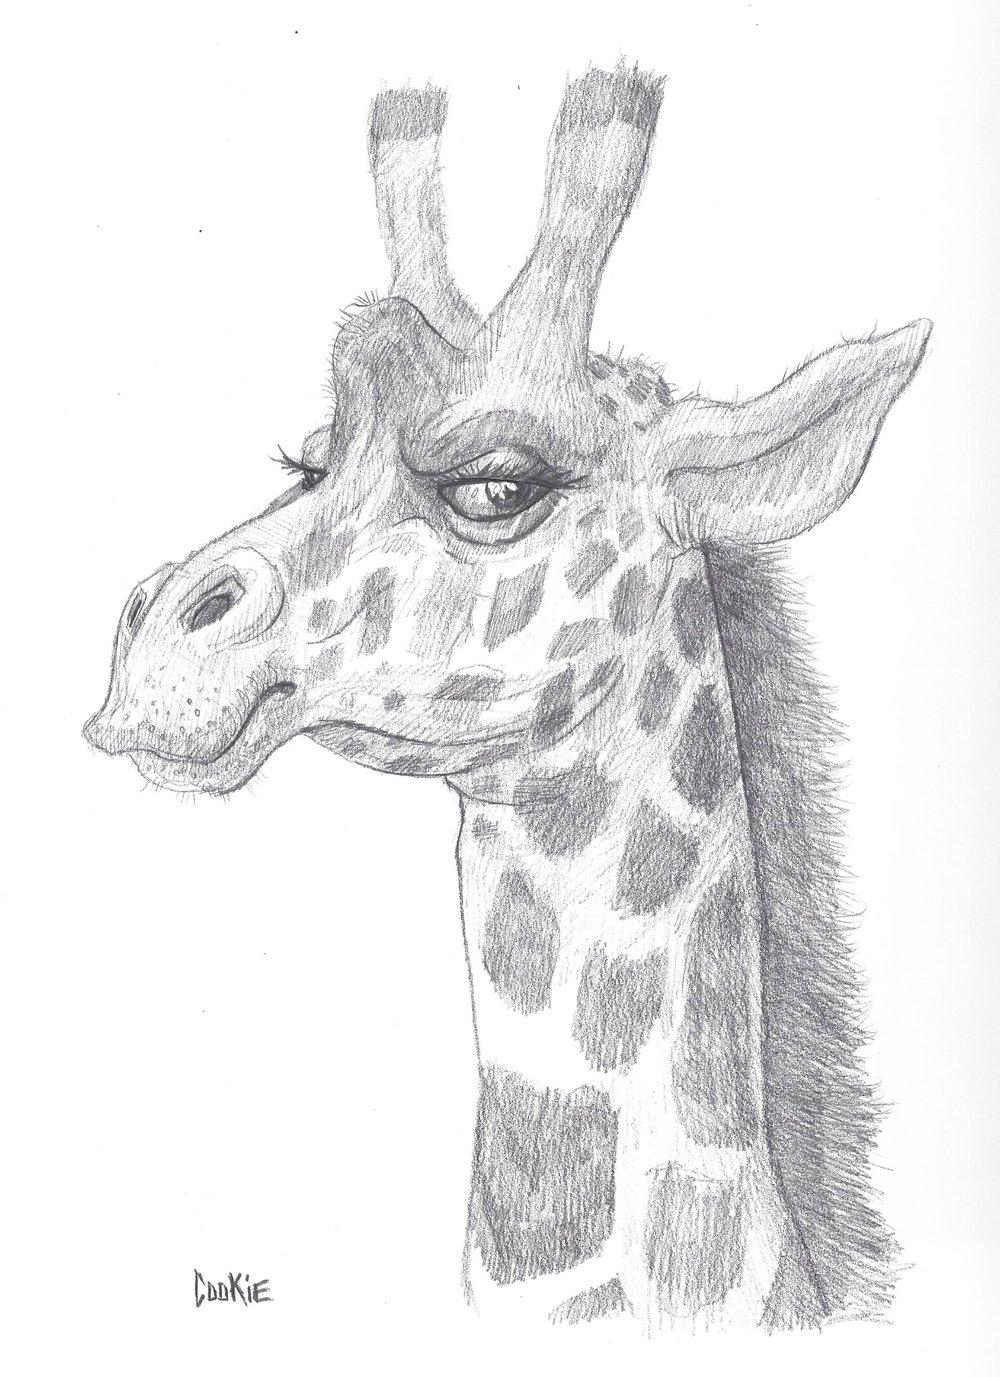 giraffe_2018.jpg